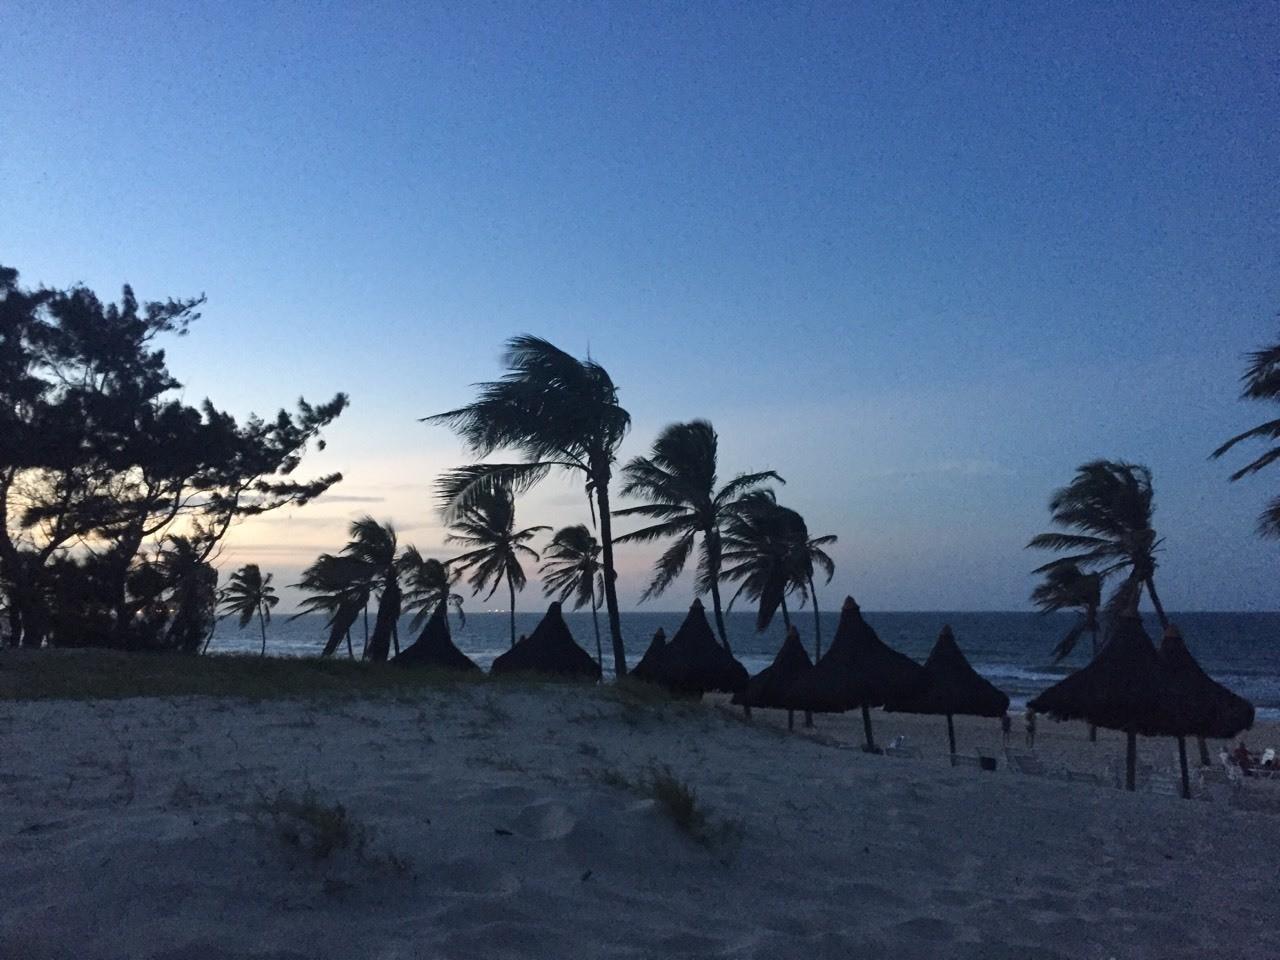 Entardecer - Praia do Cumbuco - Fortaleza